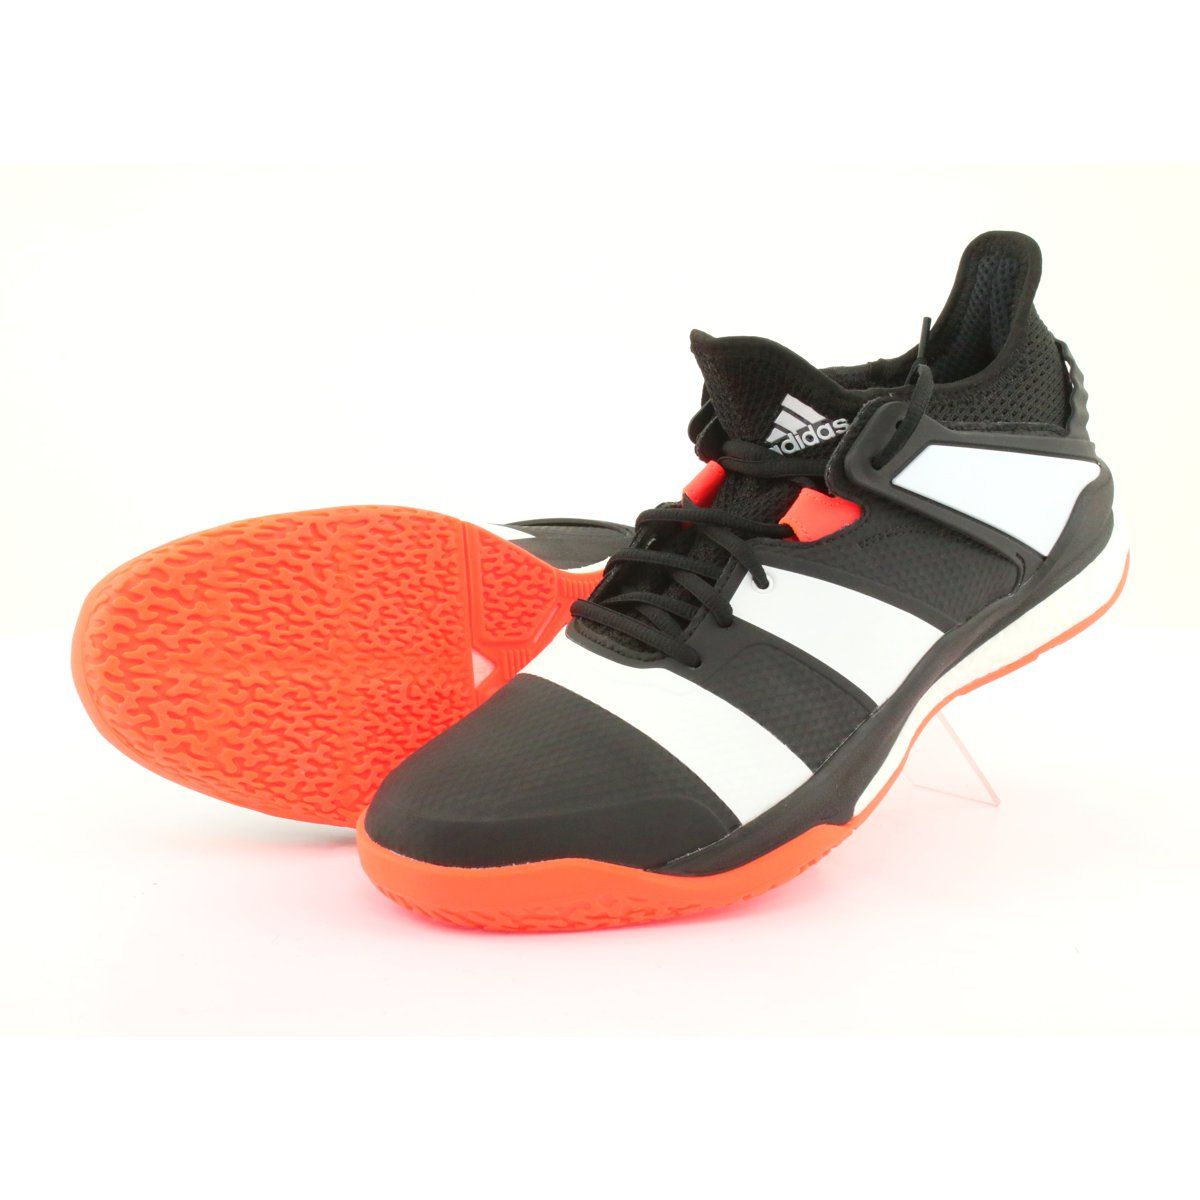 Siatkowka Sport Adidas Buty Adidas Stabil X M G26421 Adidas Samba Sneakers Adidas Sneakers Baby Shoes